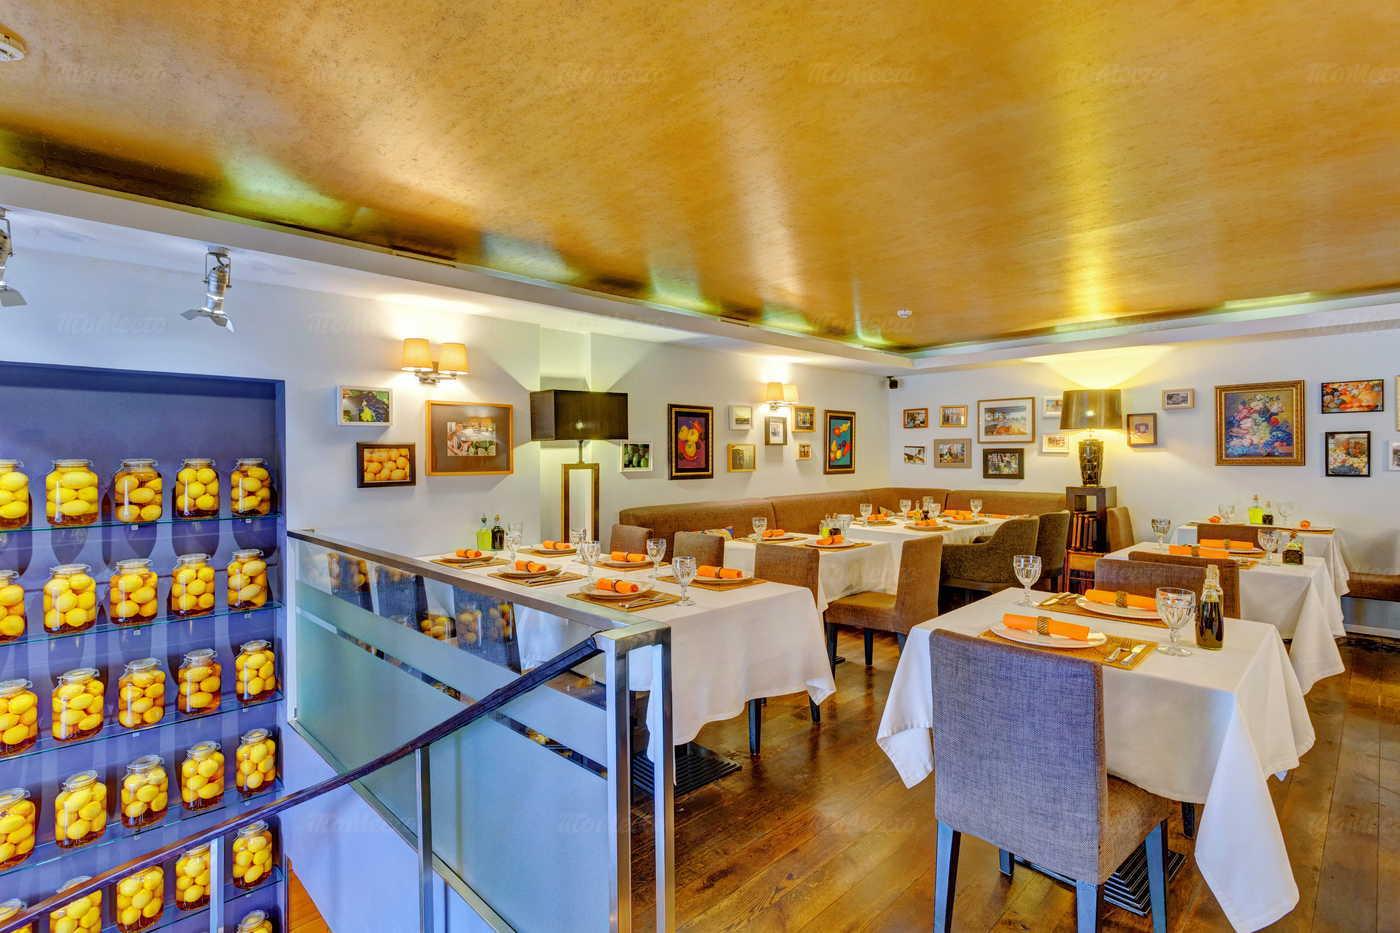 Ресторан Барашка (Бараshка) на Петровке фото 15